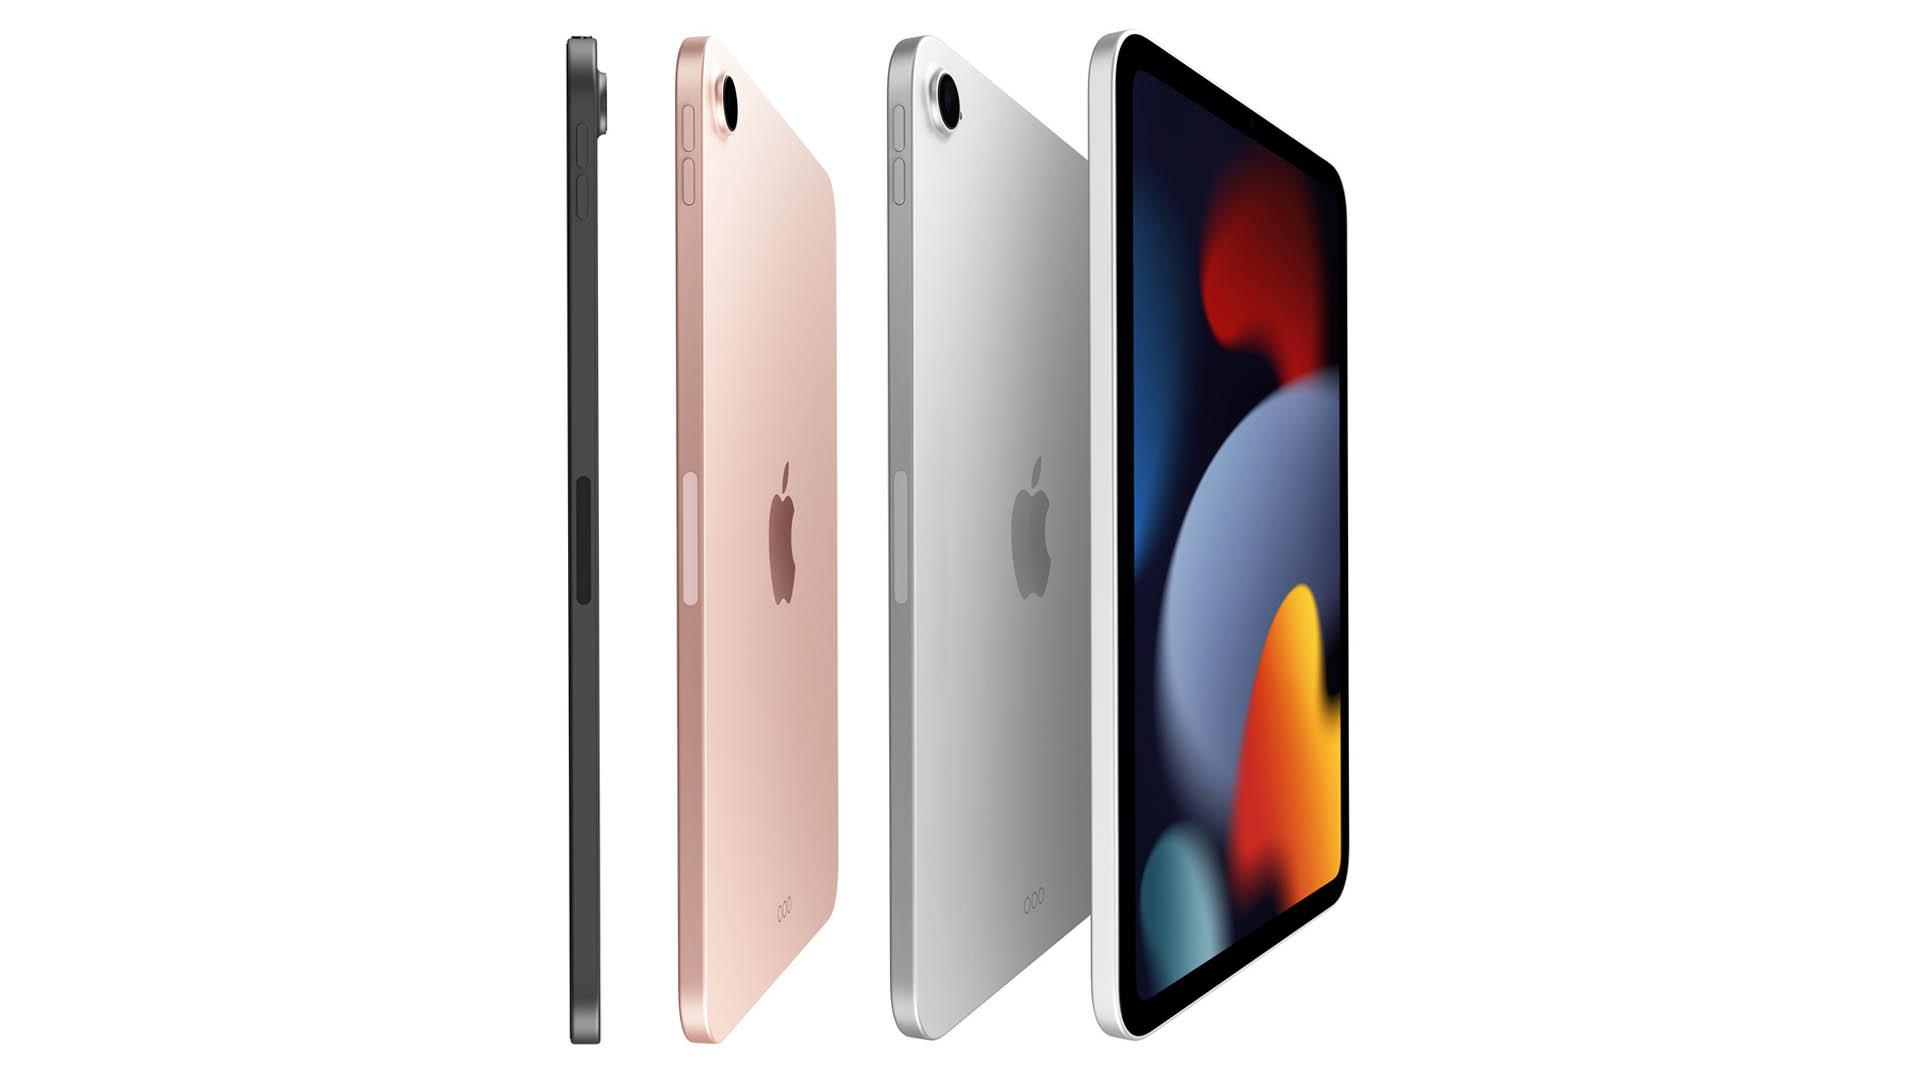 Không phải iPhone 13, iPad mini 6 mới là ngôi sao của màn ra mắt đêm qua, bạn có sẵn sàng bung ví? - ảnh 3